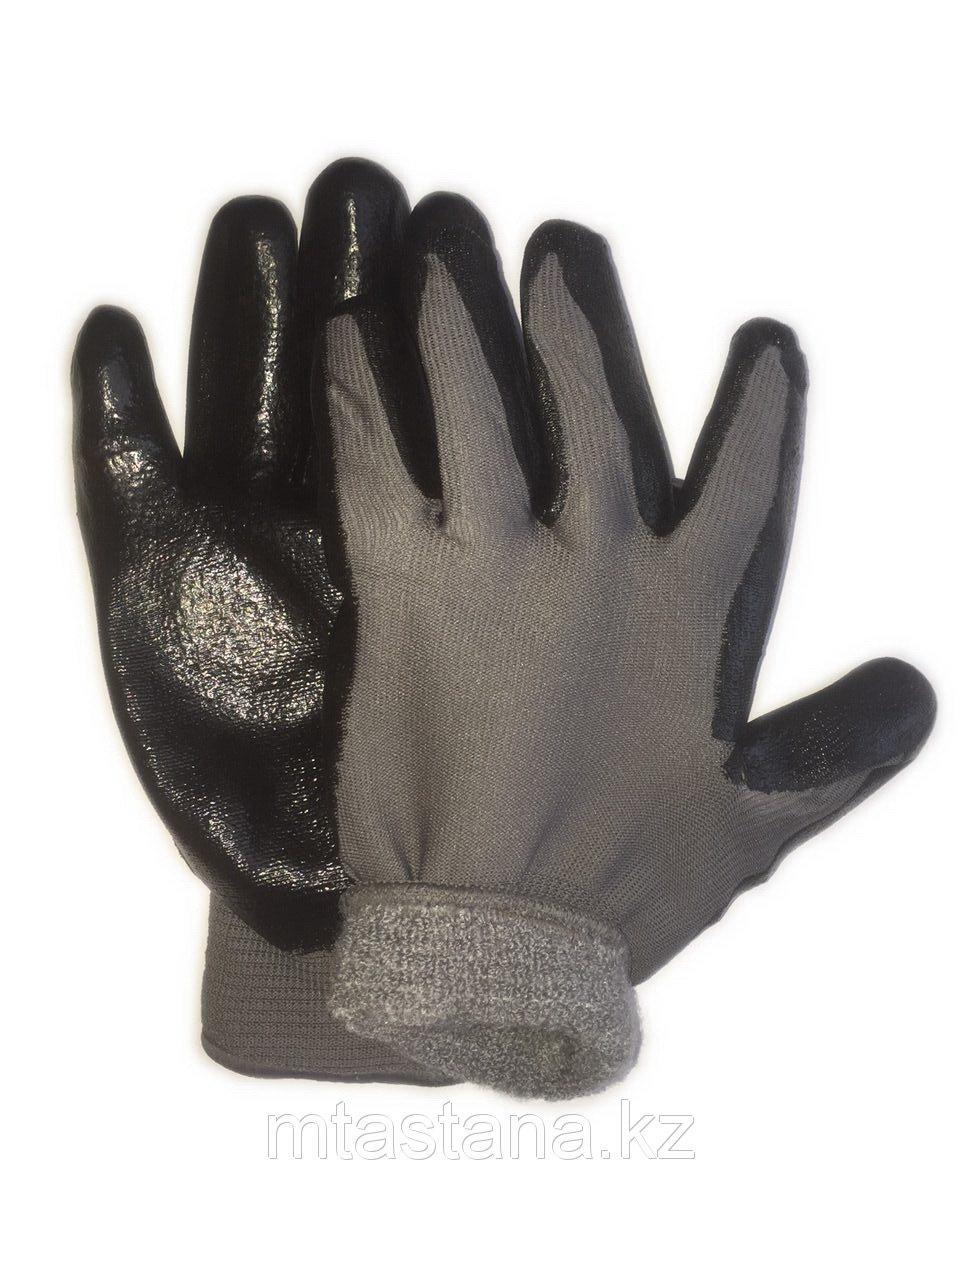 Перчатки рабочие обрезиненные с начесом